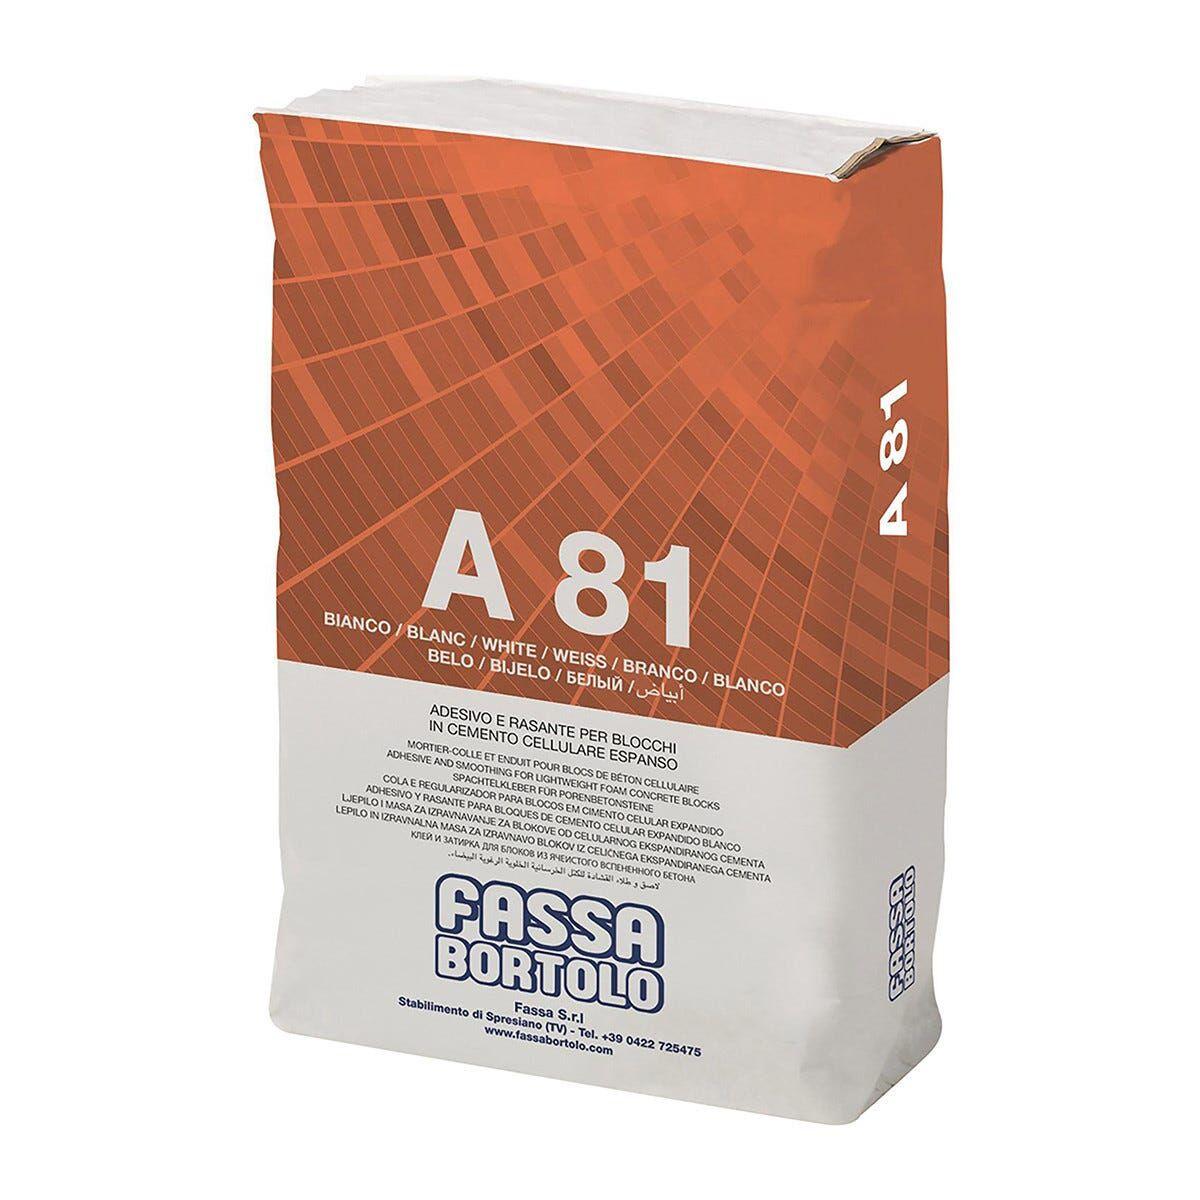 Collante E Rasante Bianco A81 Fassa Per Gasbeton E Ytong 25 Kg